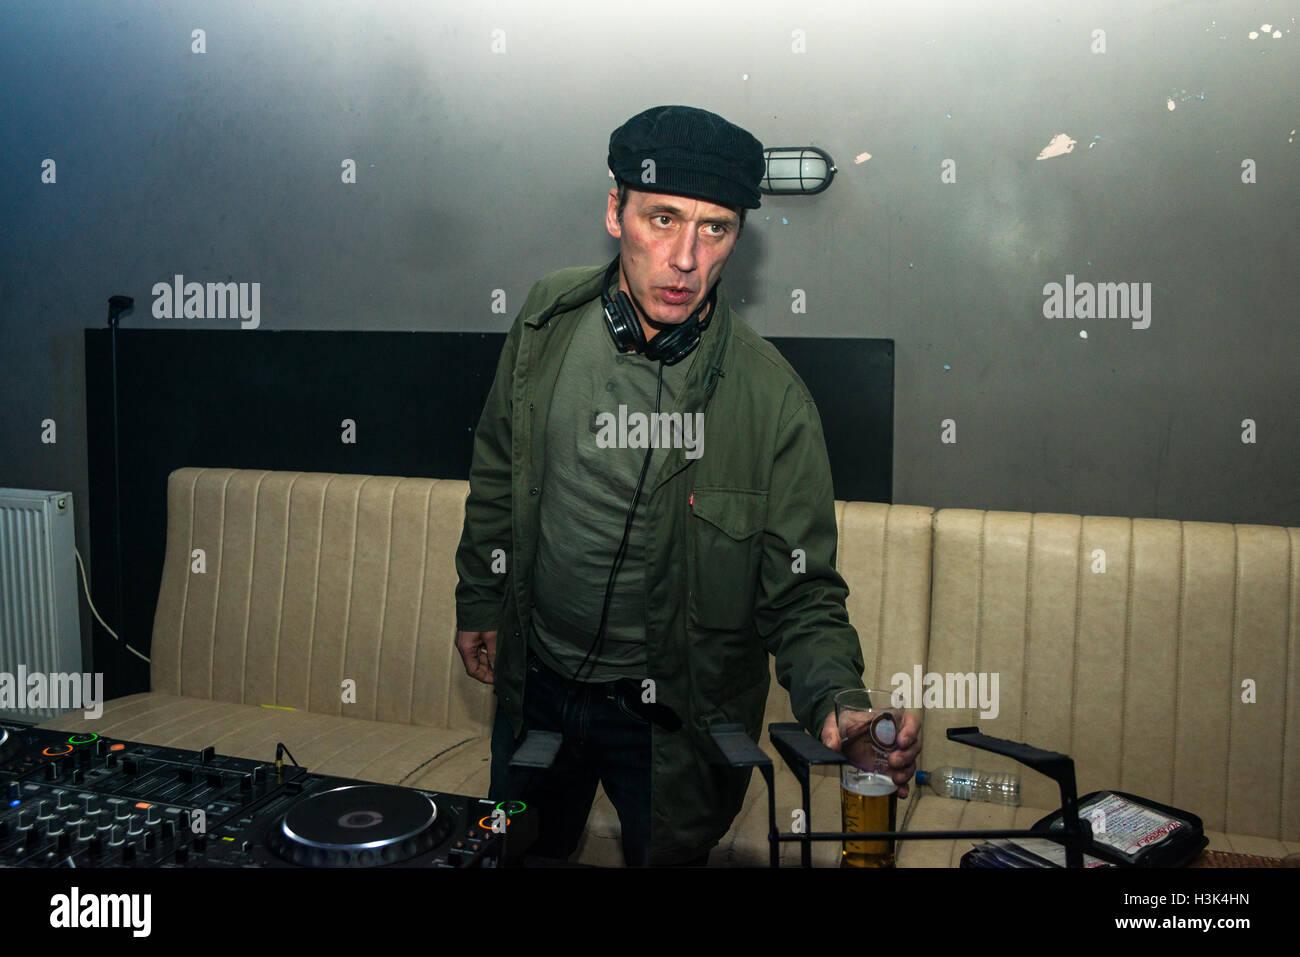 Londres, Reino Unido, 8 de octubre de 2016. Oasis y Noel Gallagher's tour DJ Phil Smith, pinchar en este sentimiento presenta Nambucca, Londres. Crédito: Alberto Pezzali/Alamy Live News Foto de stock